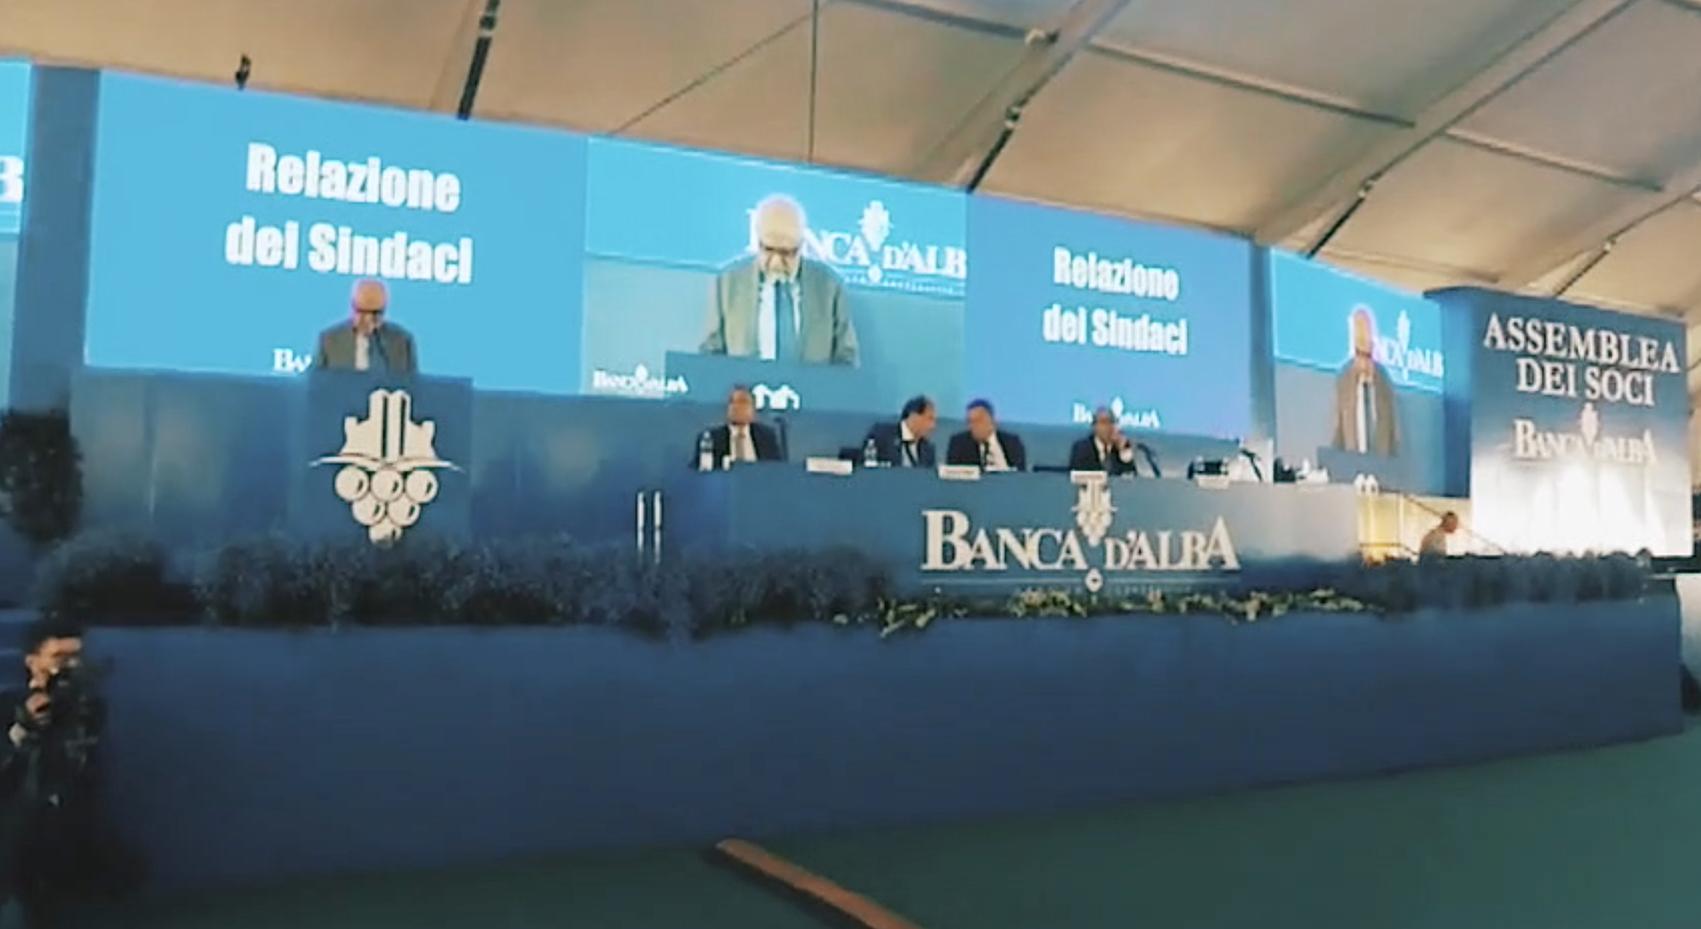 banca d'alba_timpani event milano noleggio